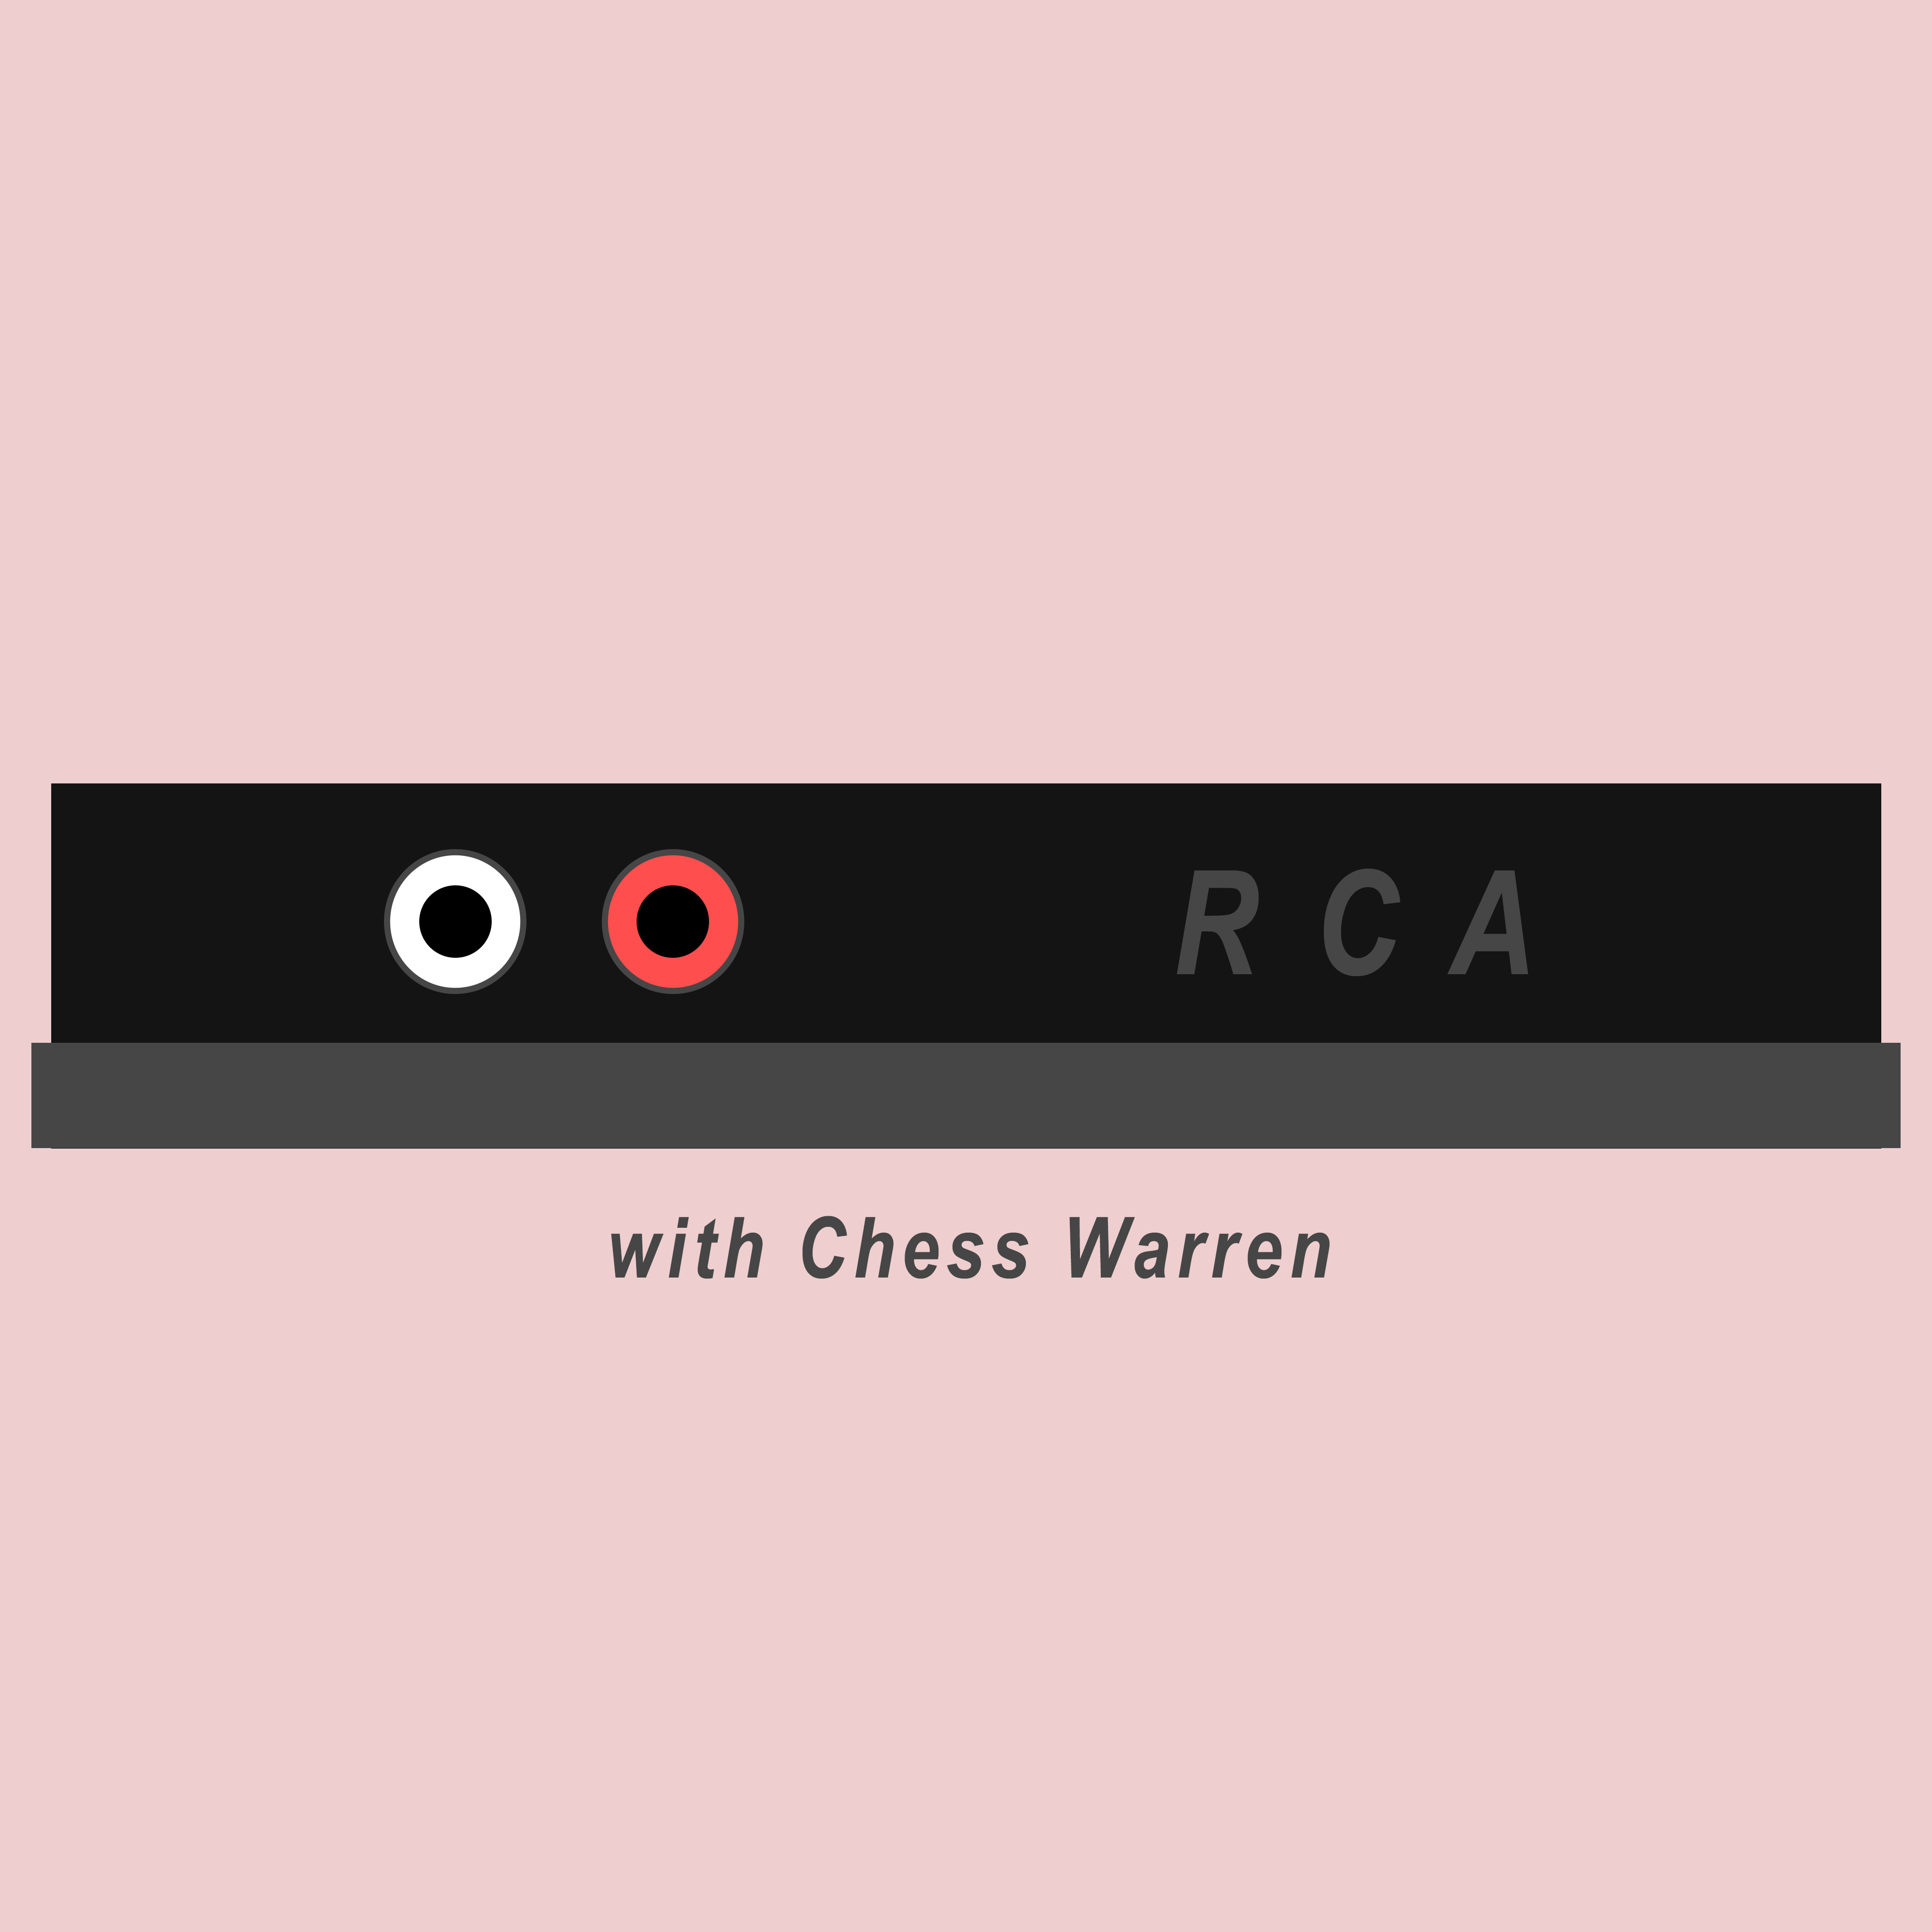 RCA Cable logo.